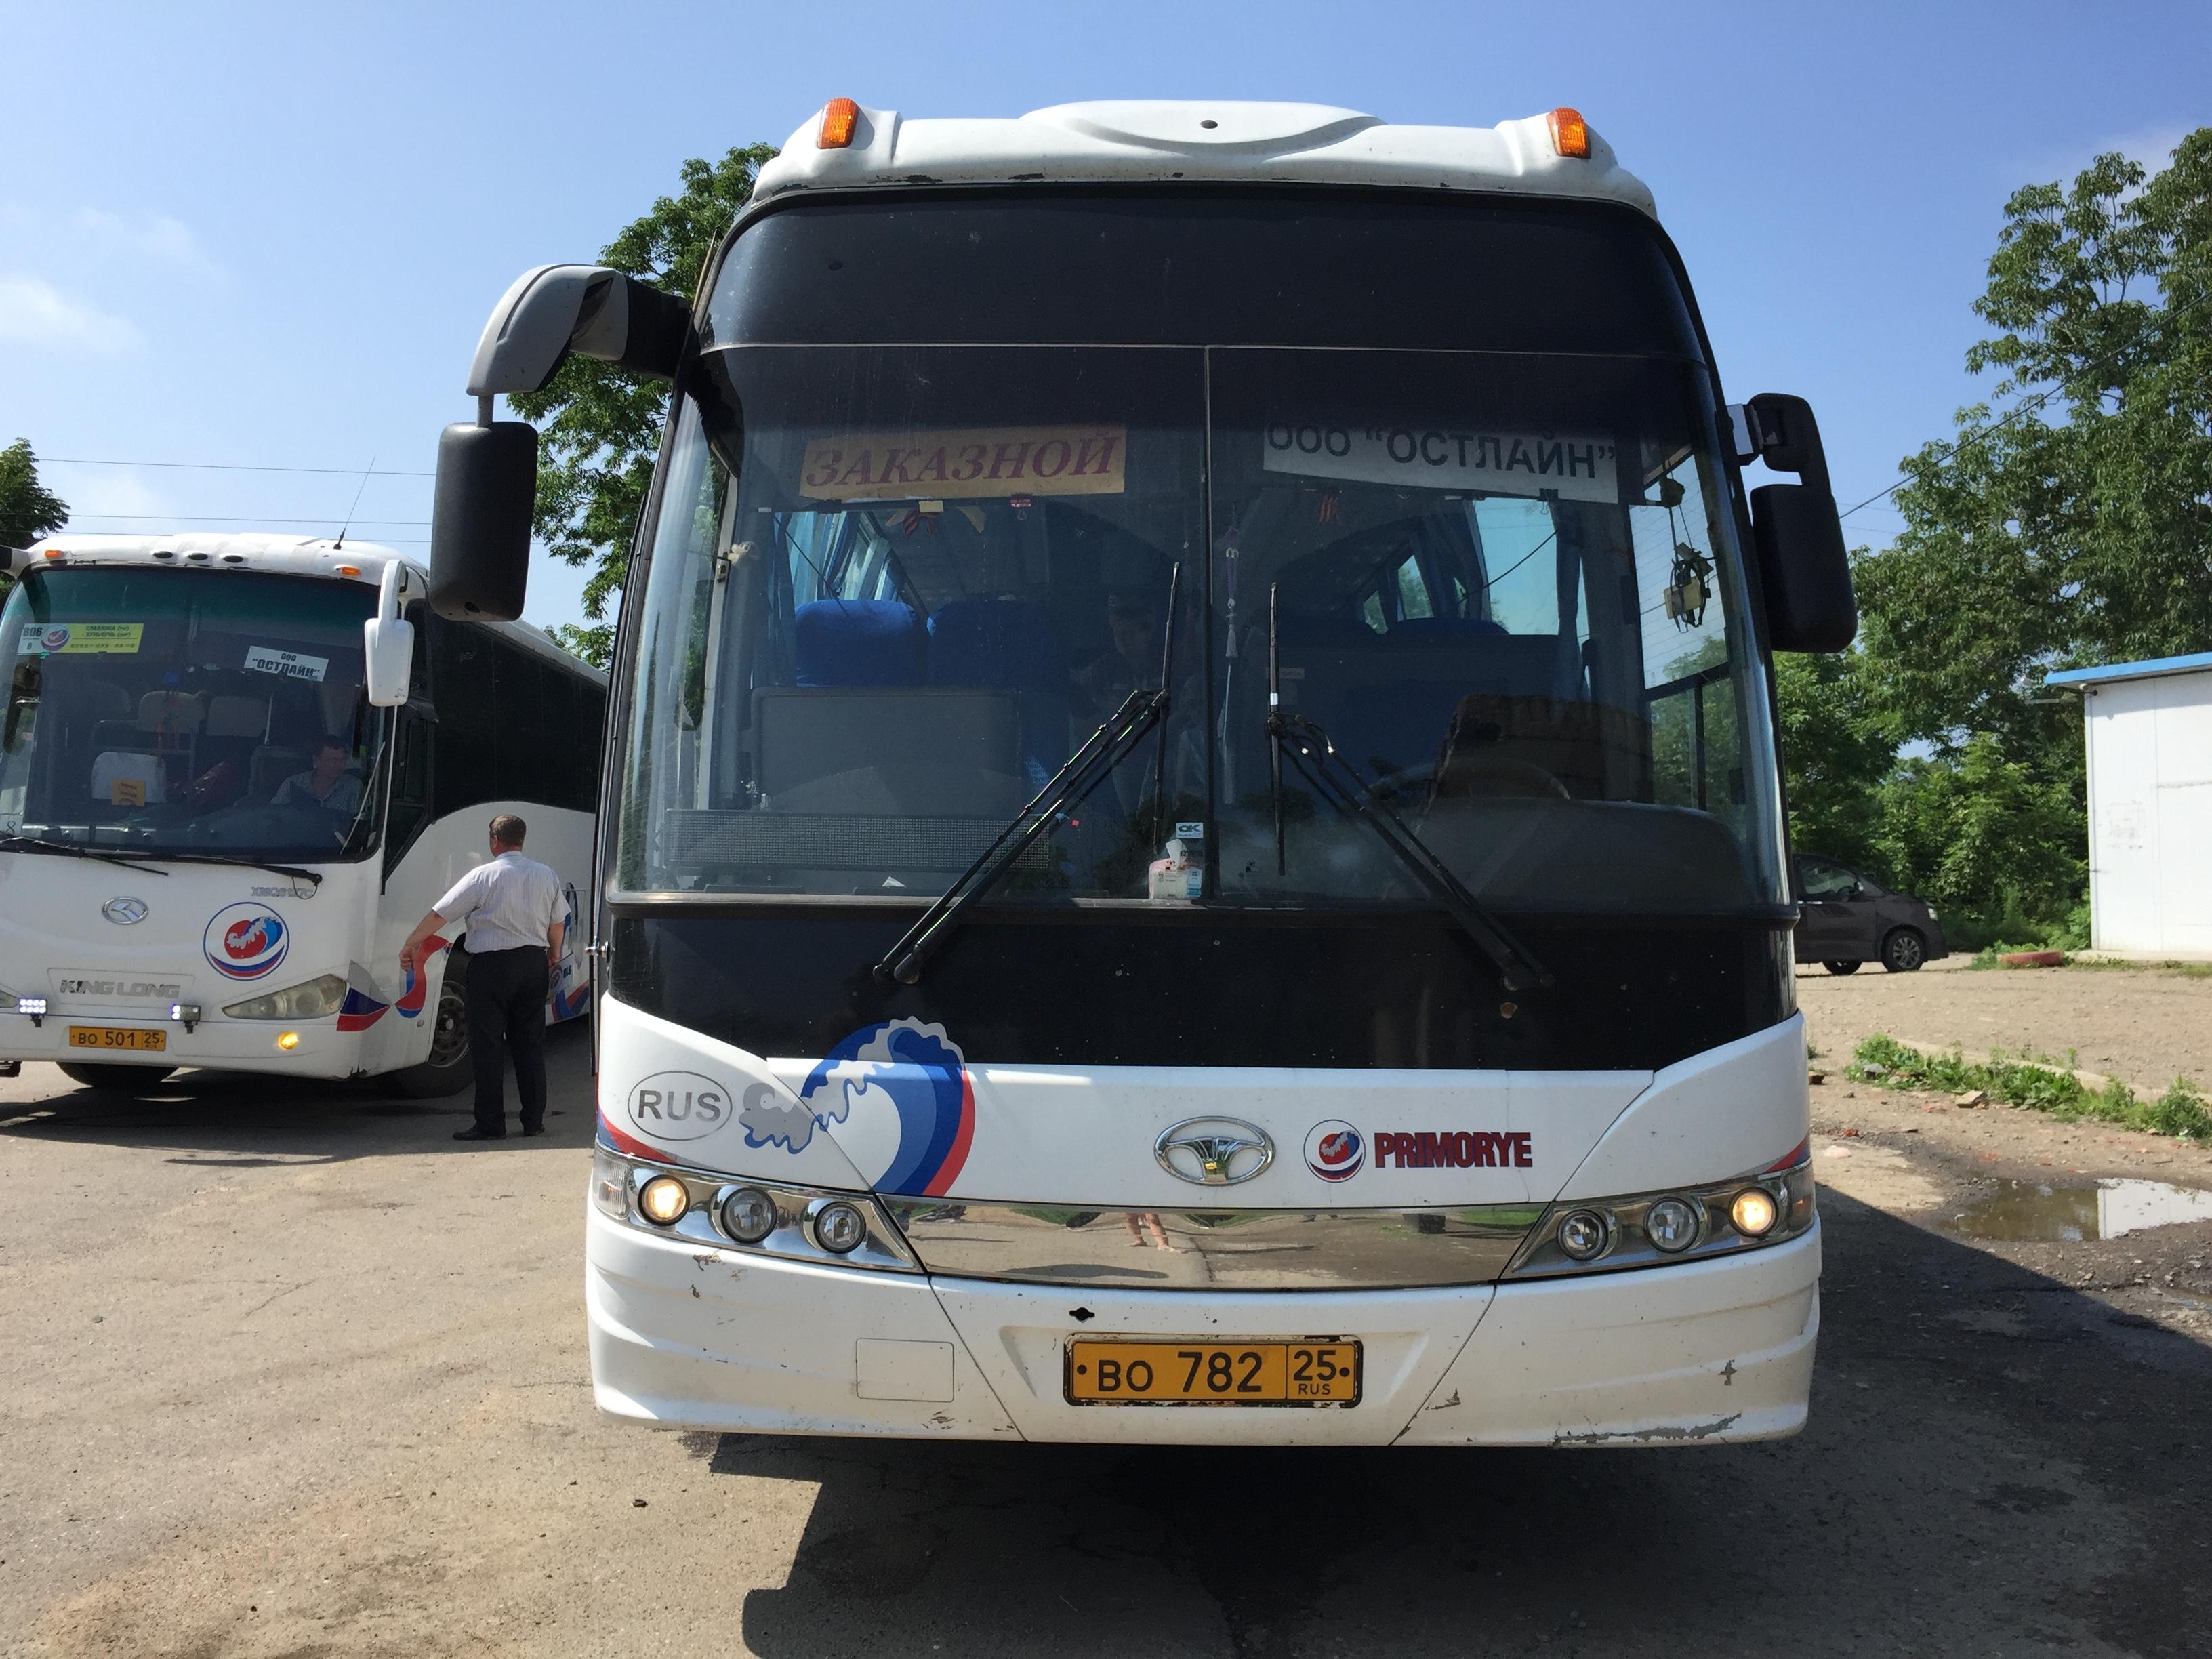 Автобус, на котором туристов отправляют в Китай